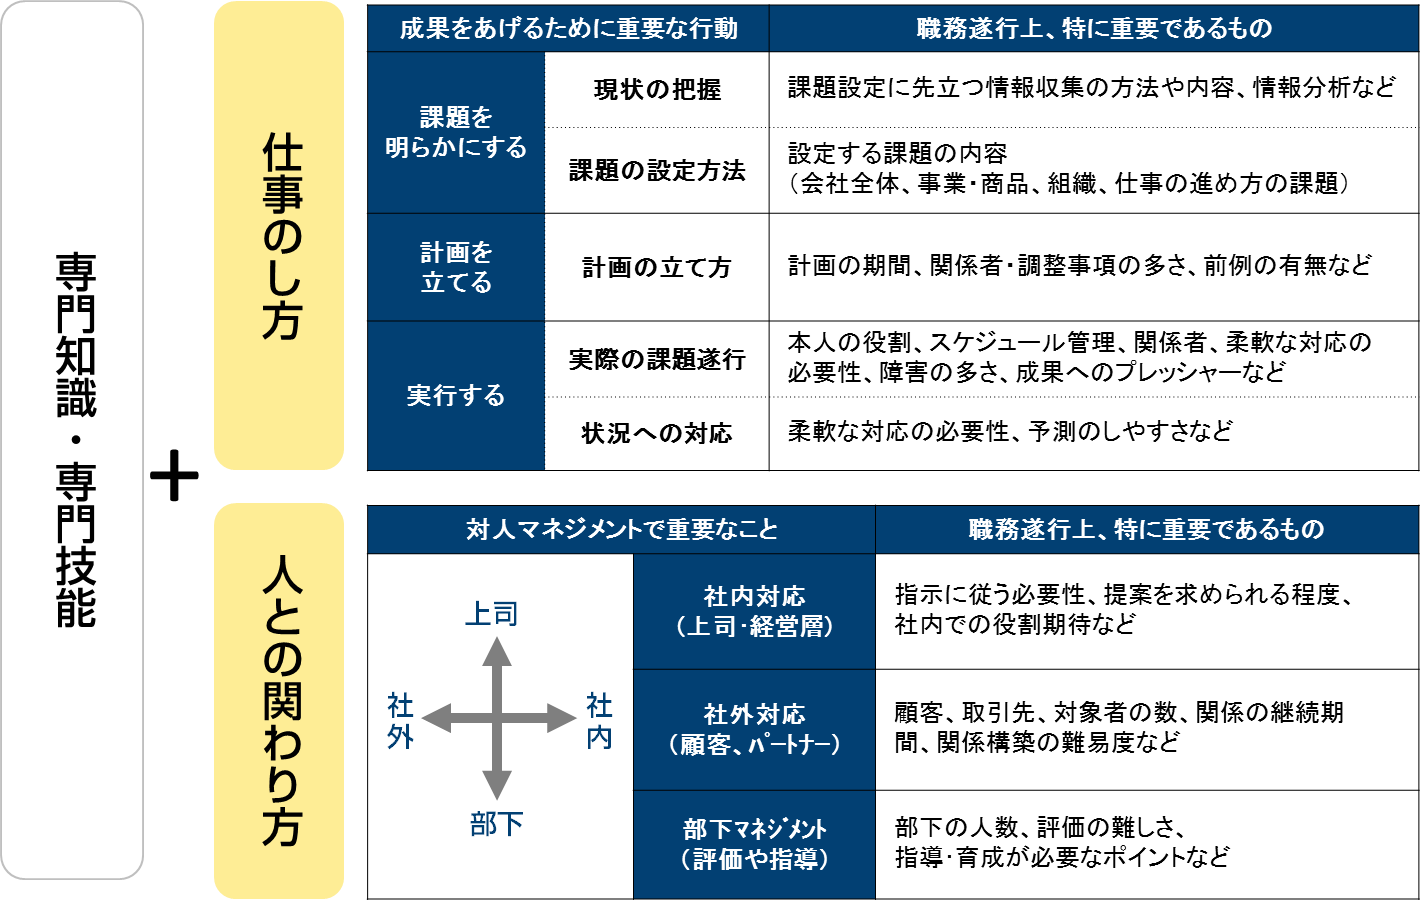 ポータルブルスキルと適応可能性